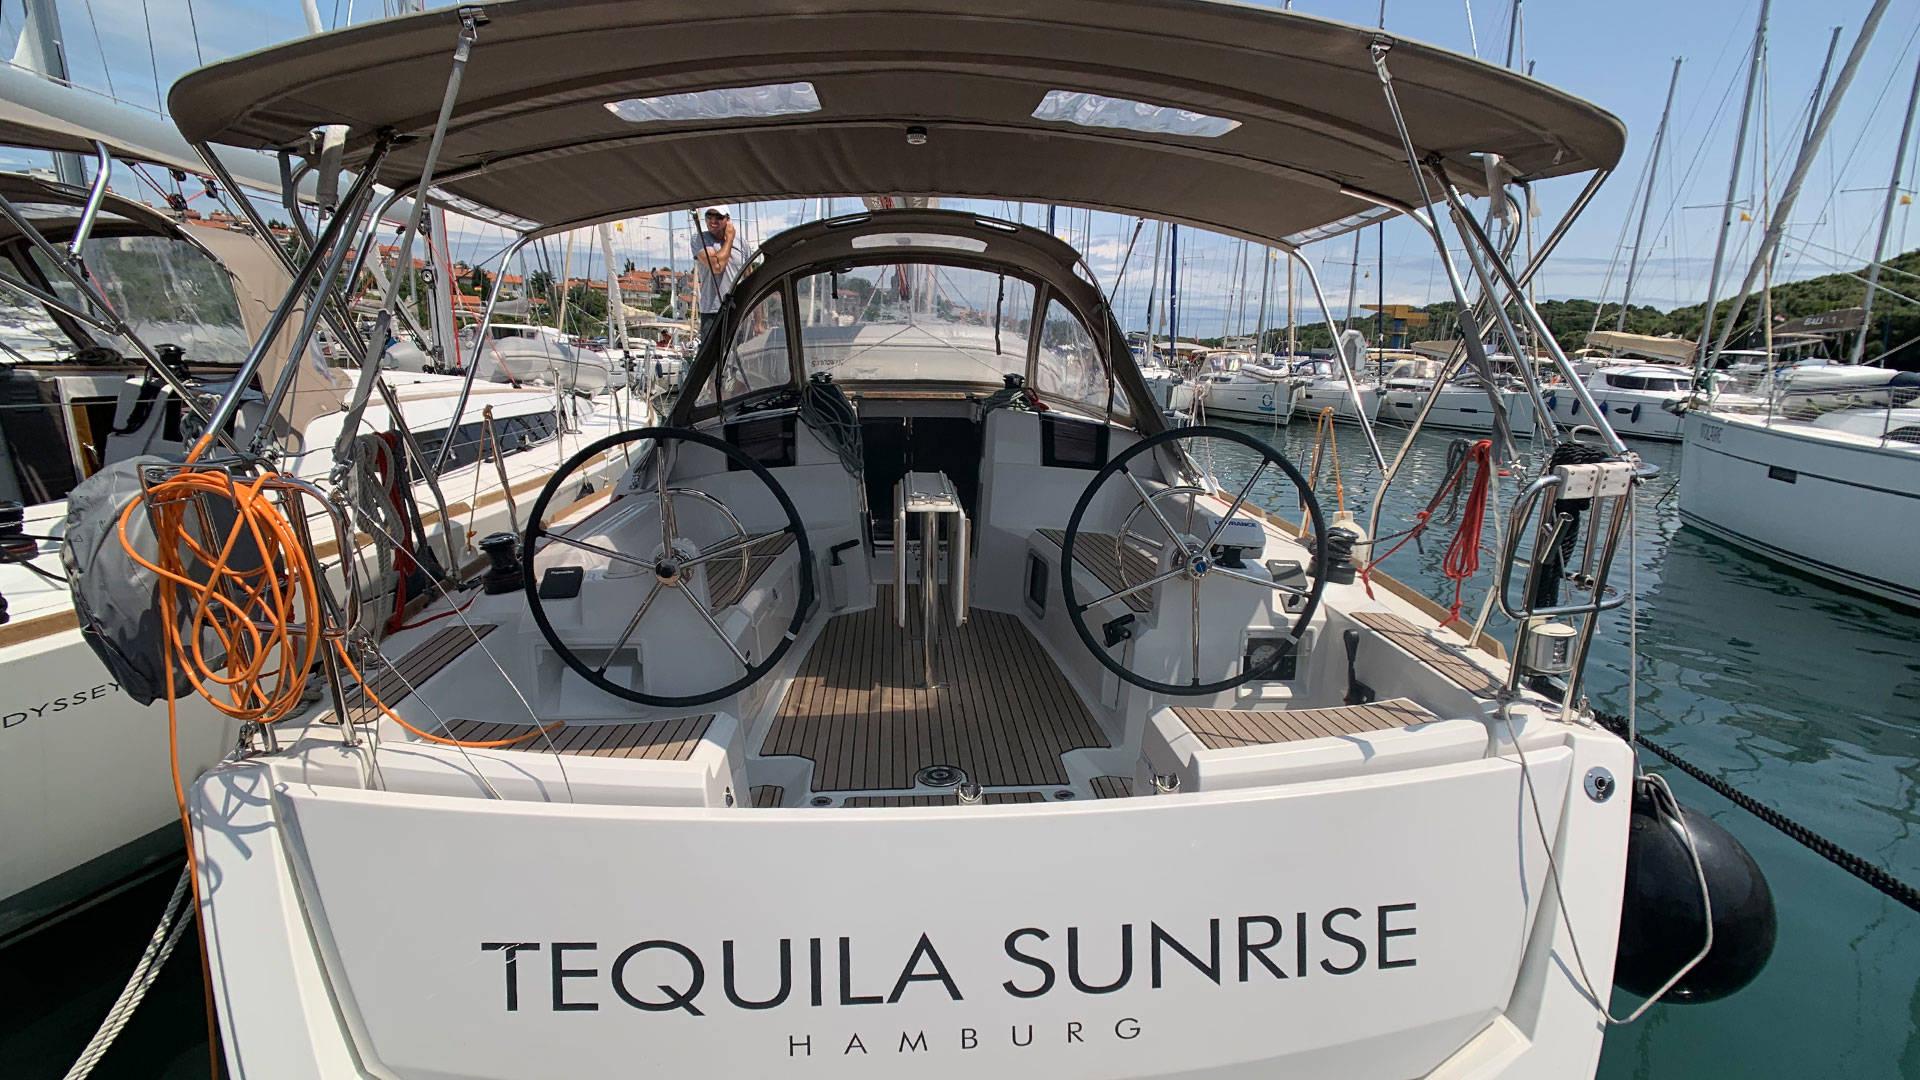 Sun Odyssey 389, Tequila Sunrise